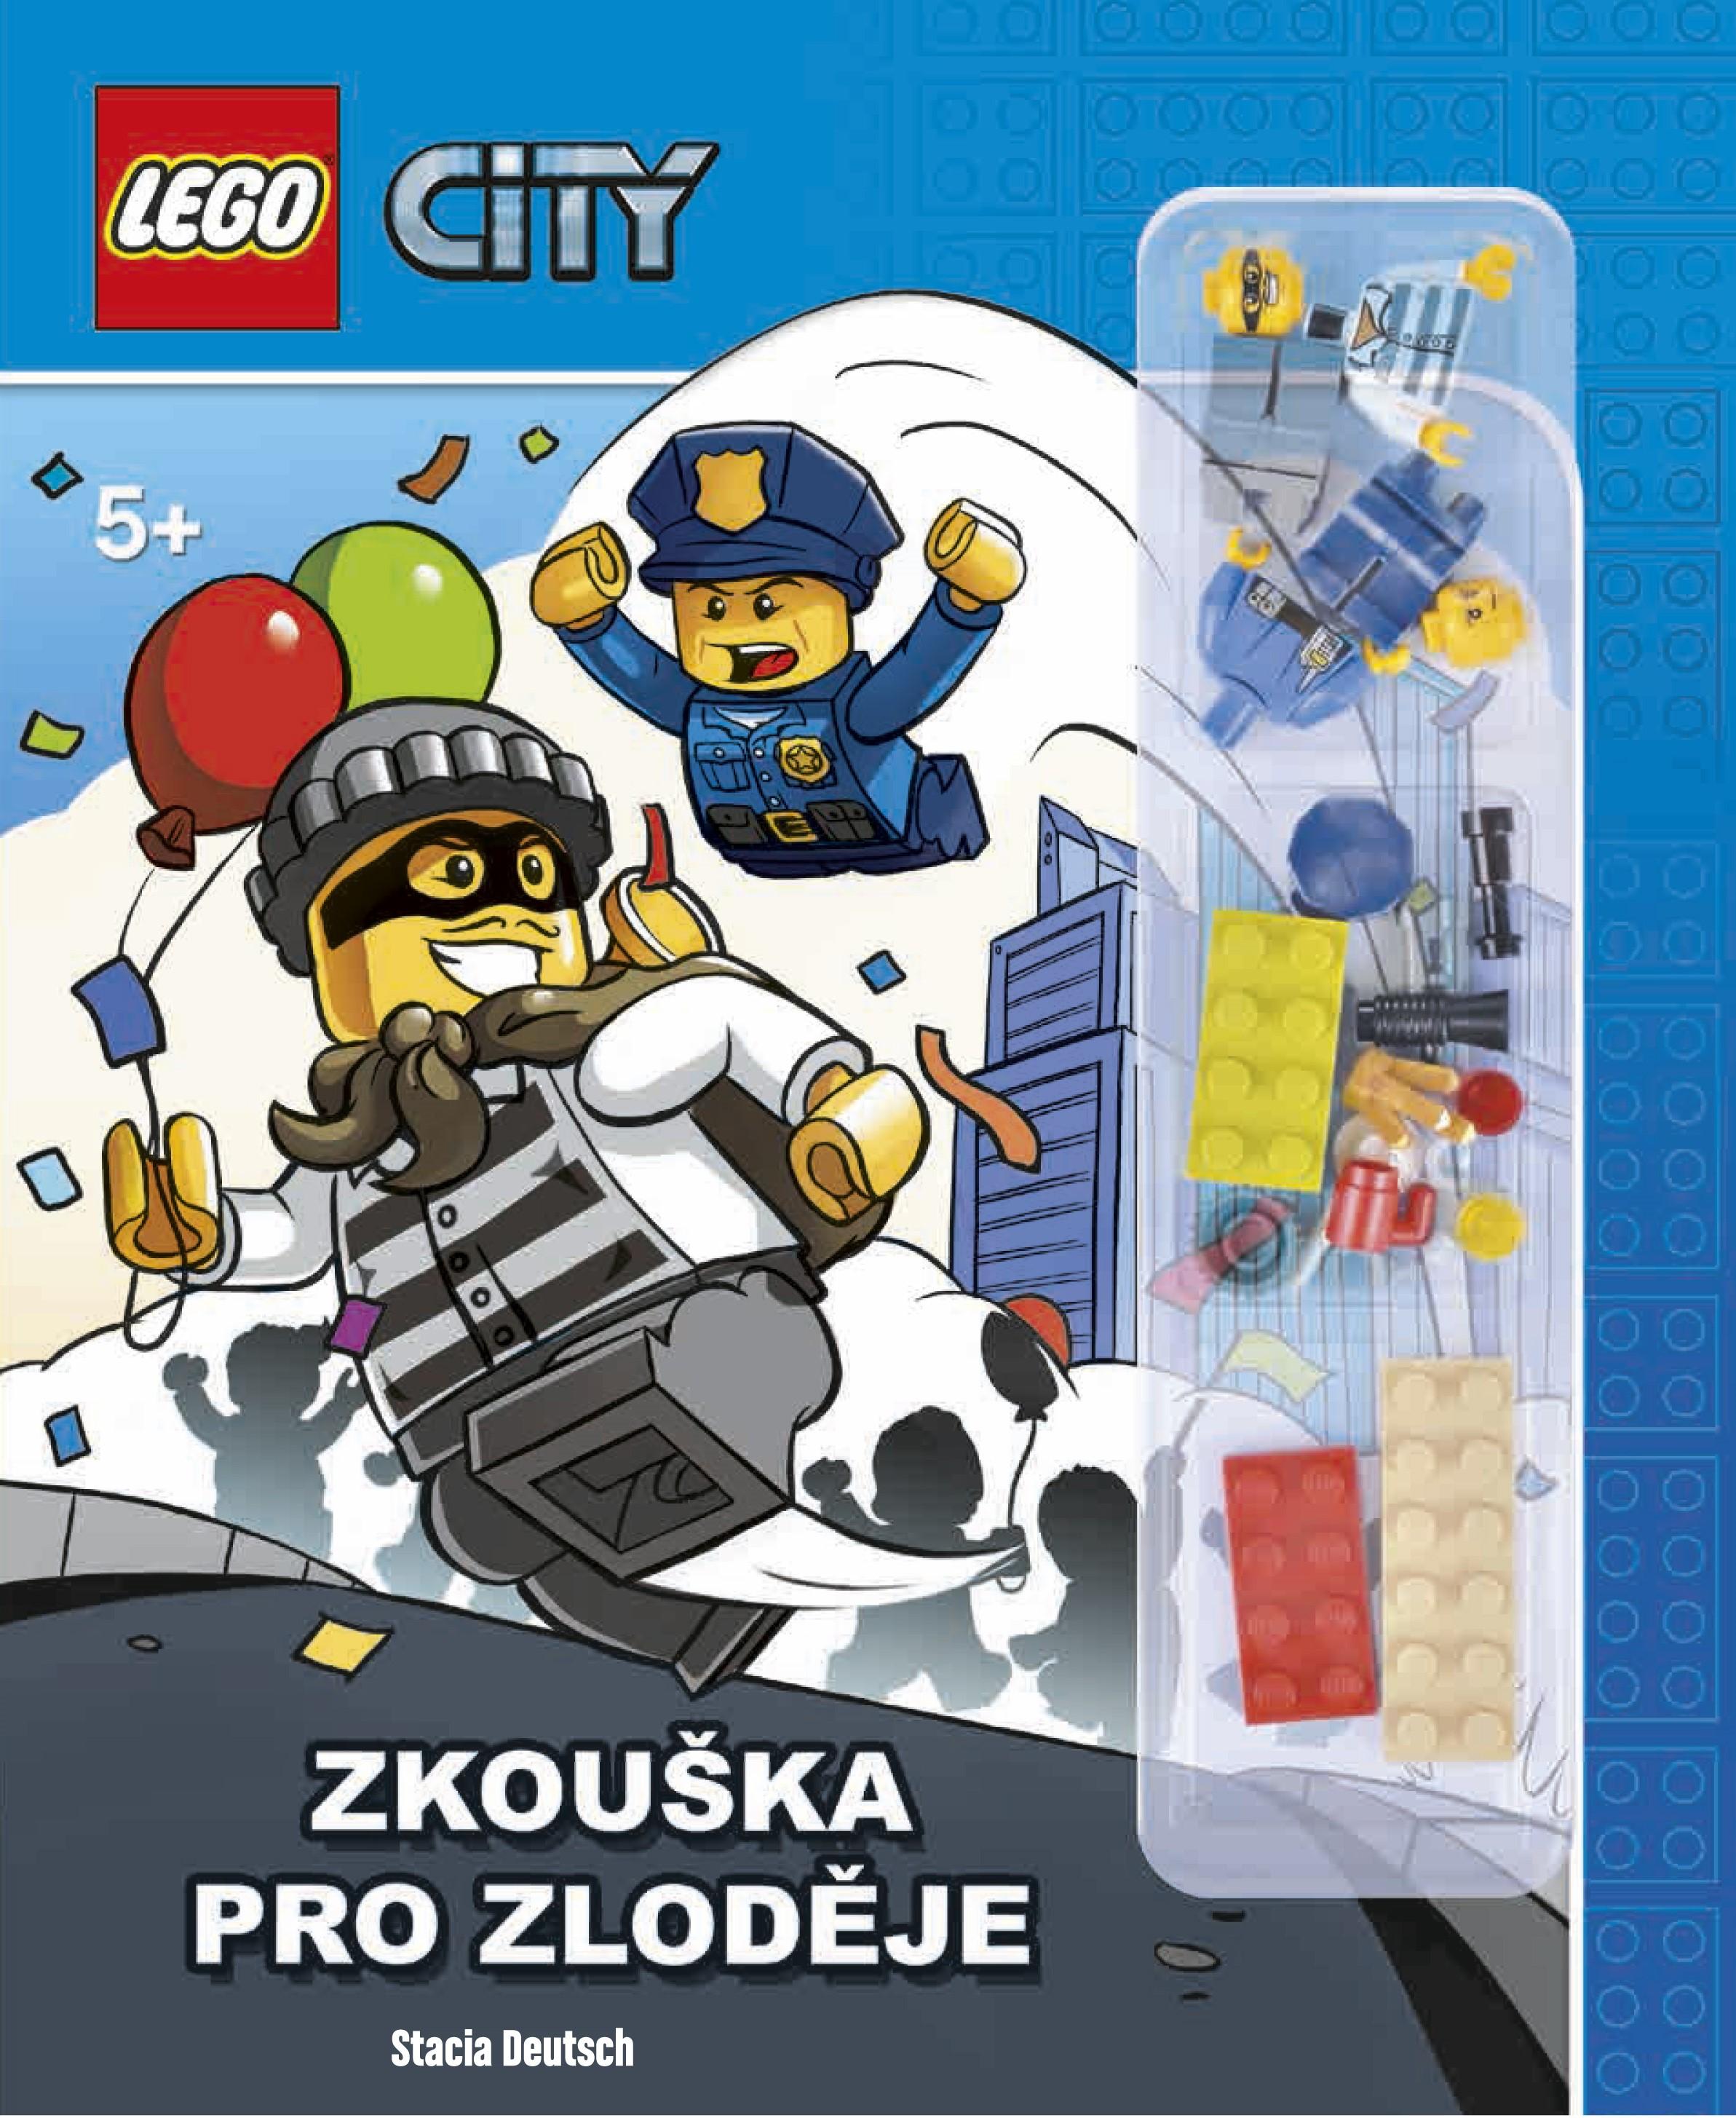 LEGO® CITY Zkouška pro zloděje | Stacia Deutschová